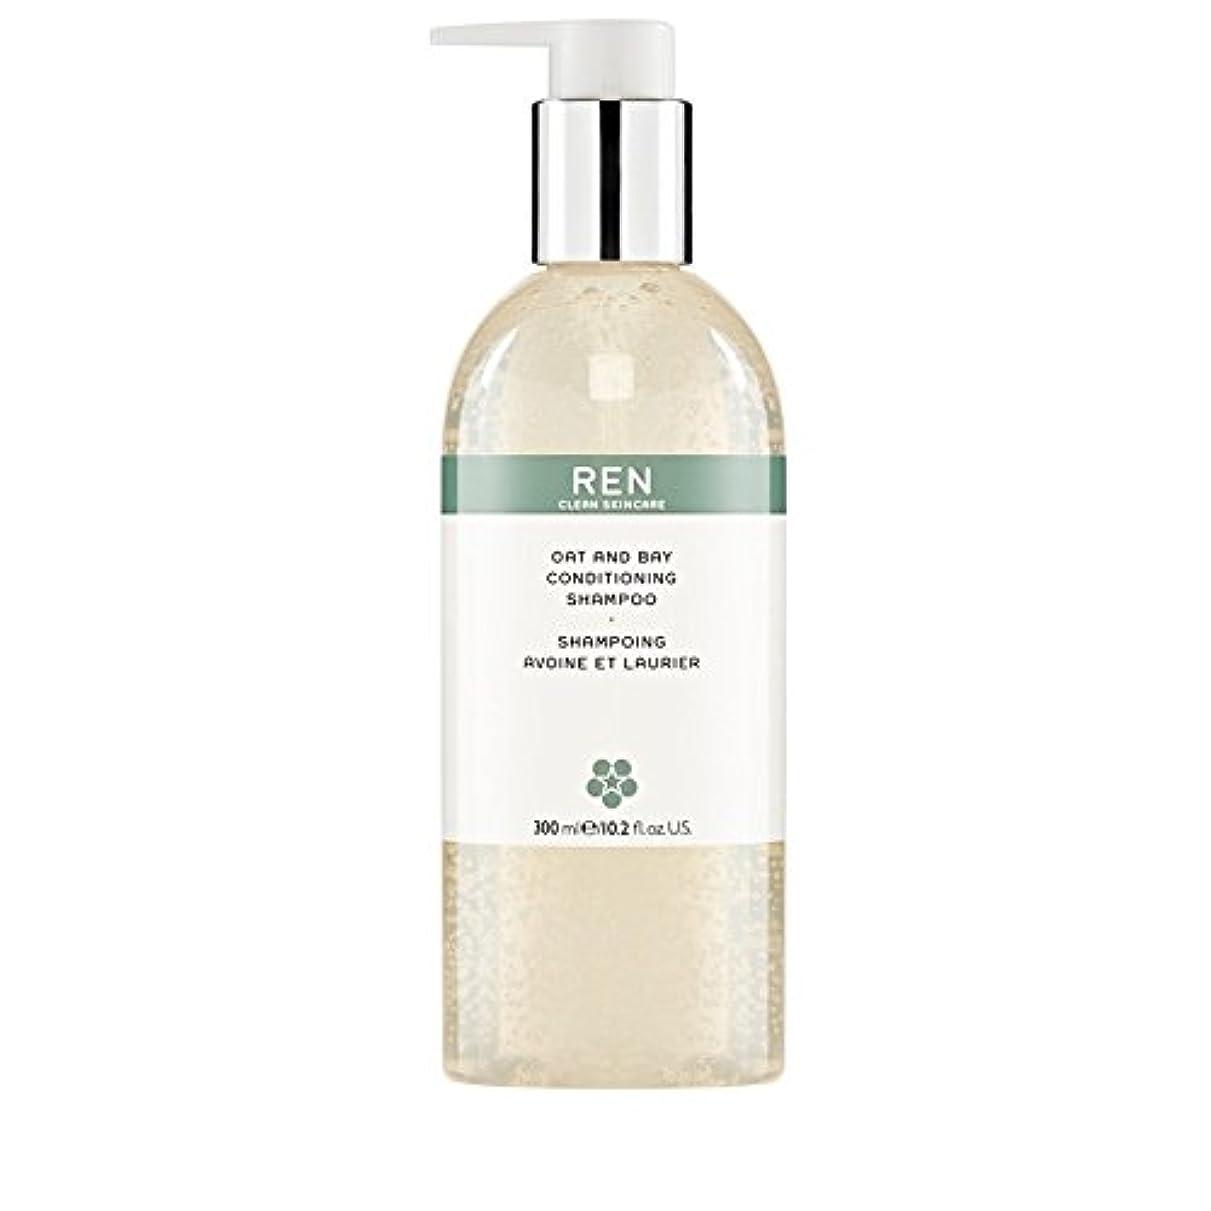 スタイル微視的無視REN Oat and Bay Conditioning Shampoo 300ml - オート麦とベイコンディショニングシャンプー300ミリリットル [並行輸入品]